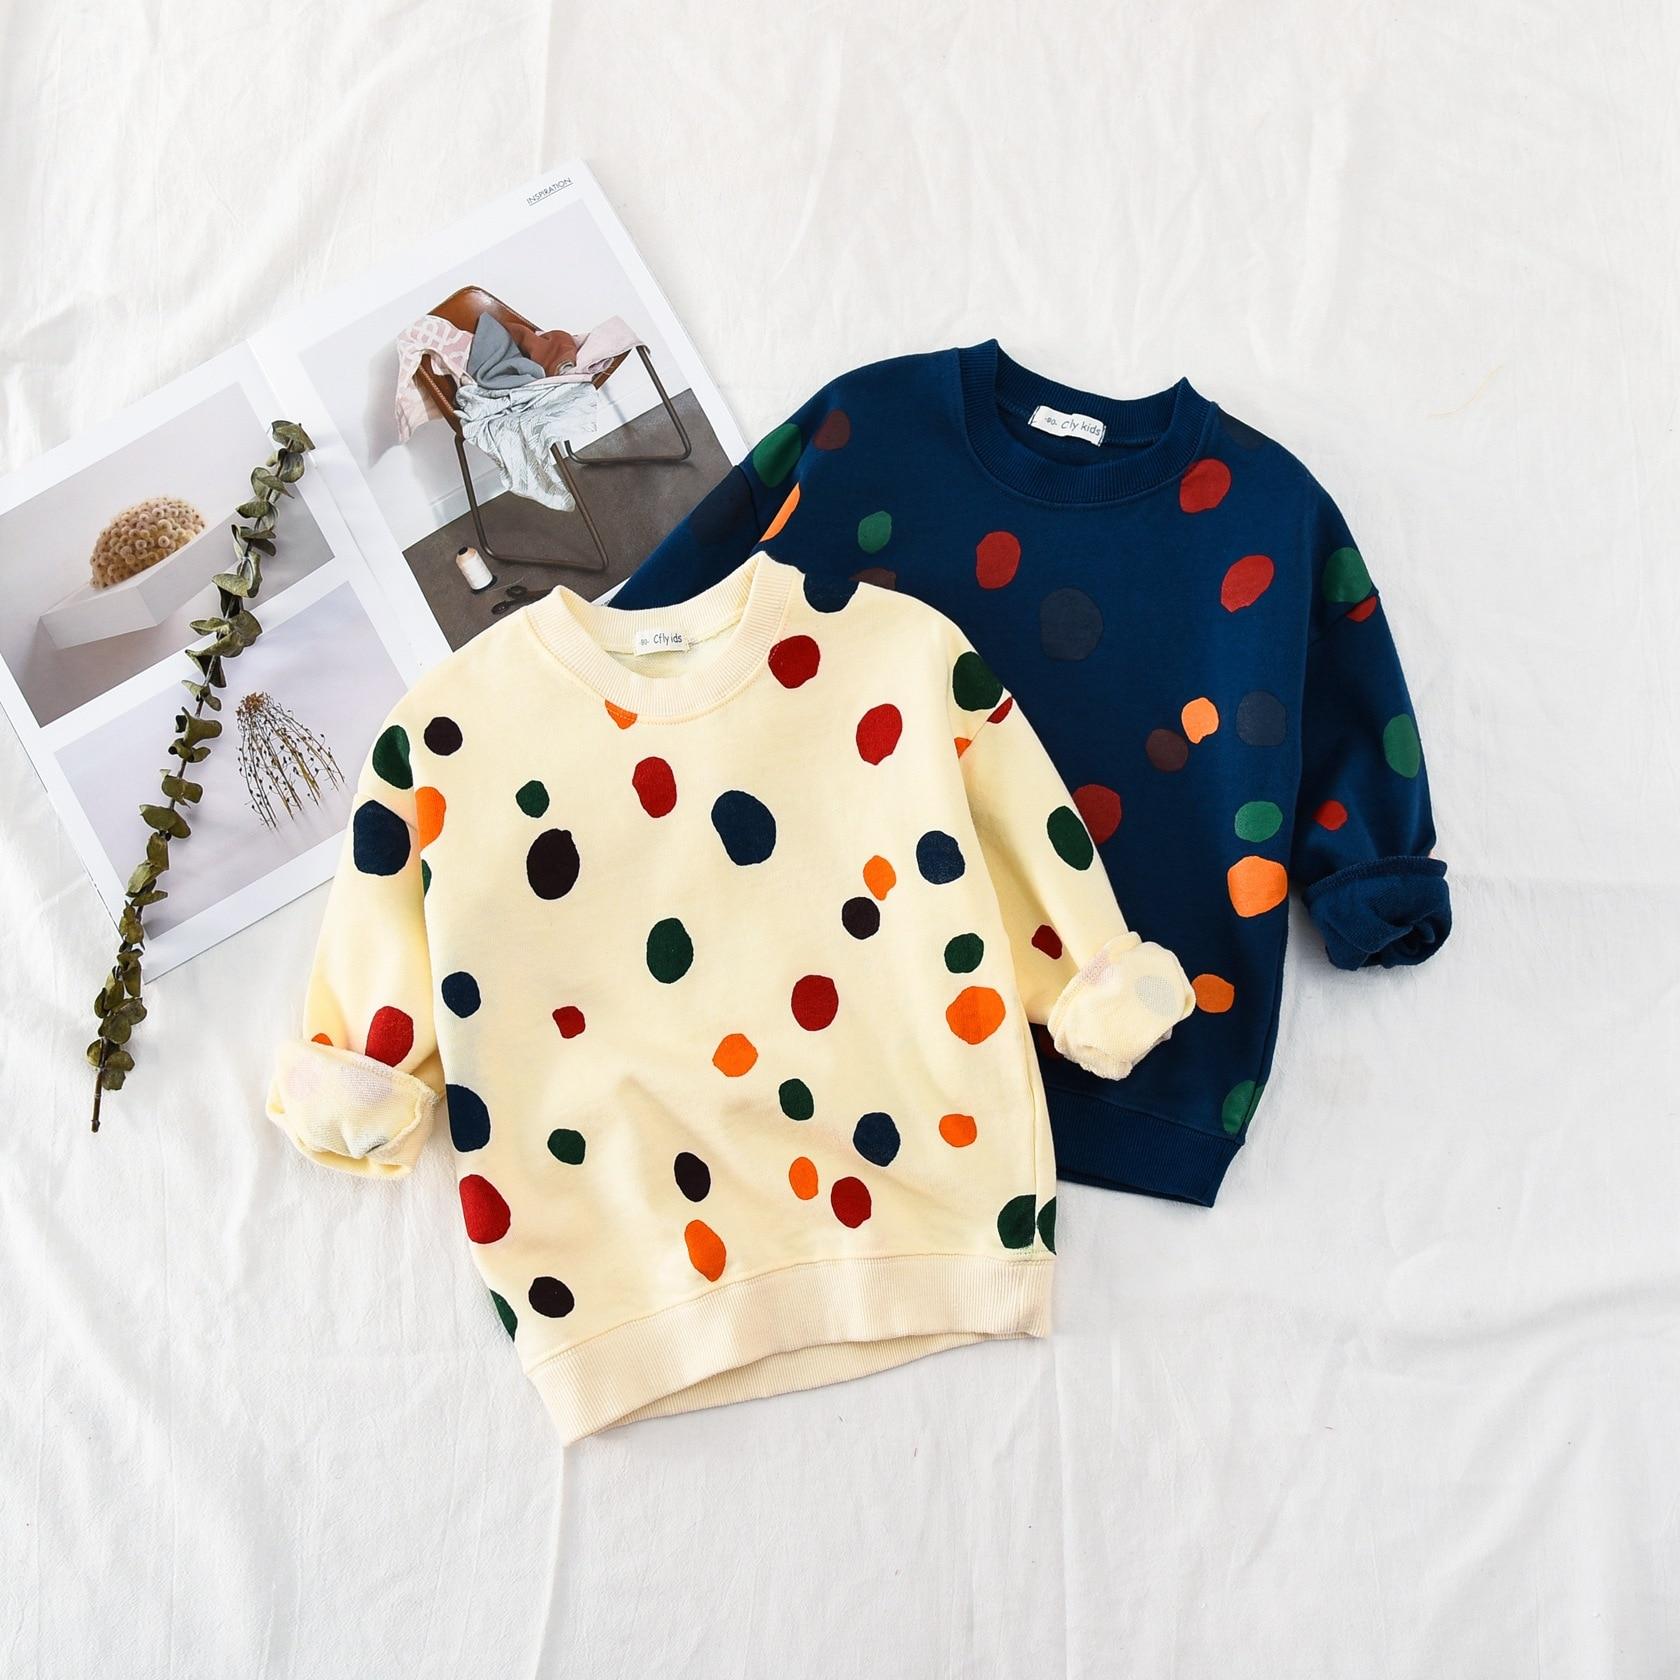 Neue 2018 Herbst Jungen Mädchen Outwear Kinder Lange Hülse Hoodies Bunte Polka Dot Baby Mädchen Hoodies Sweatshirt Kinder Kleidung